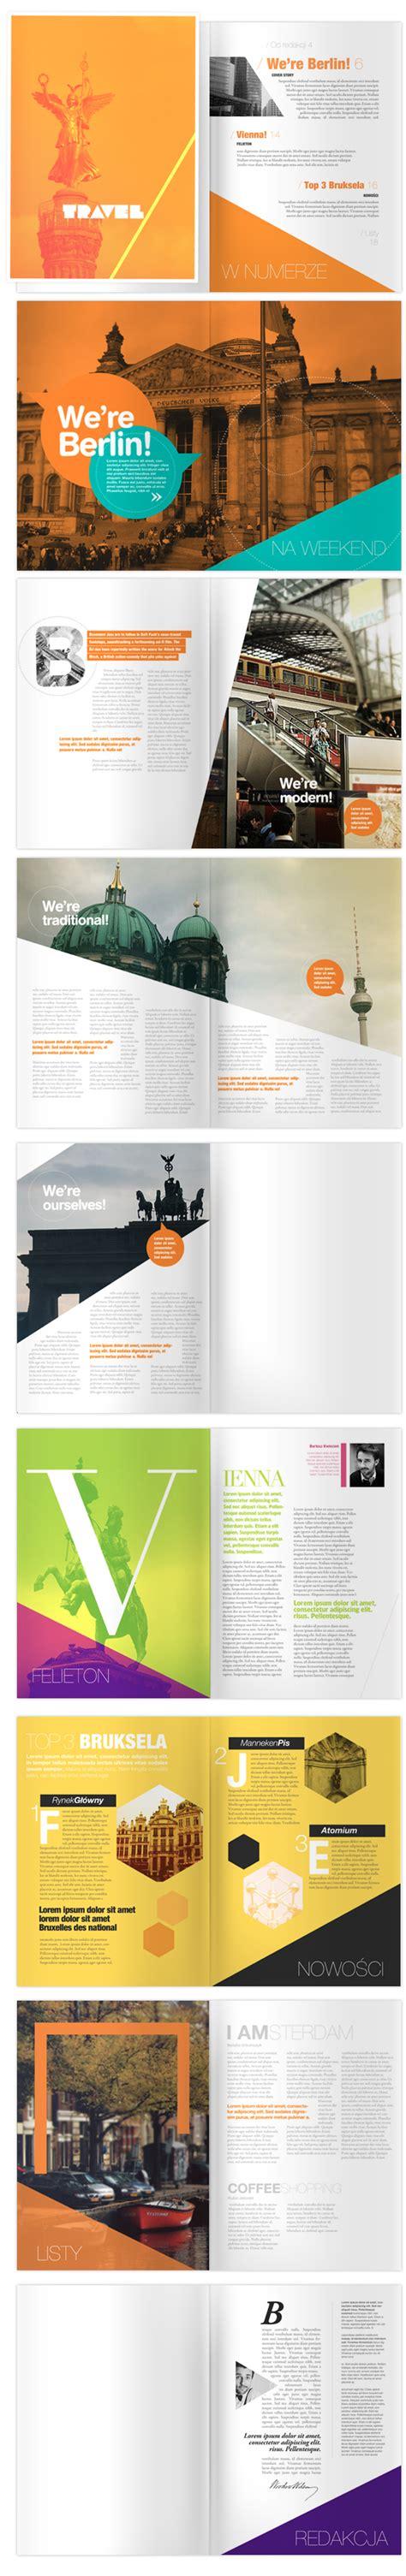 publication layout inspiration magazine layout design inspiration 34 jpg